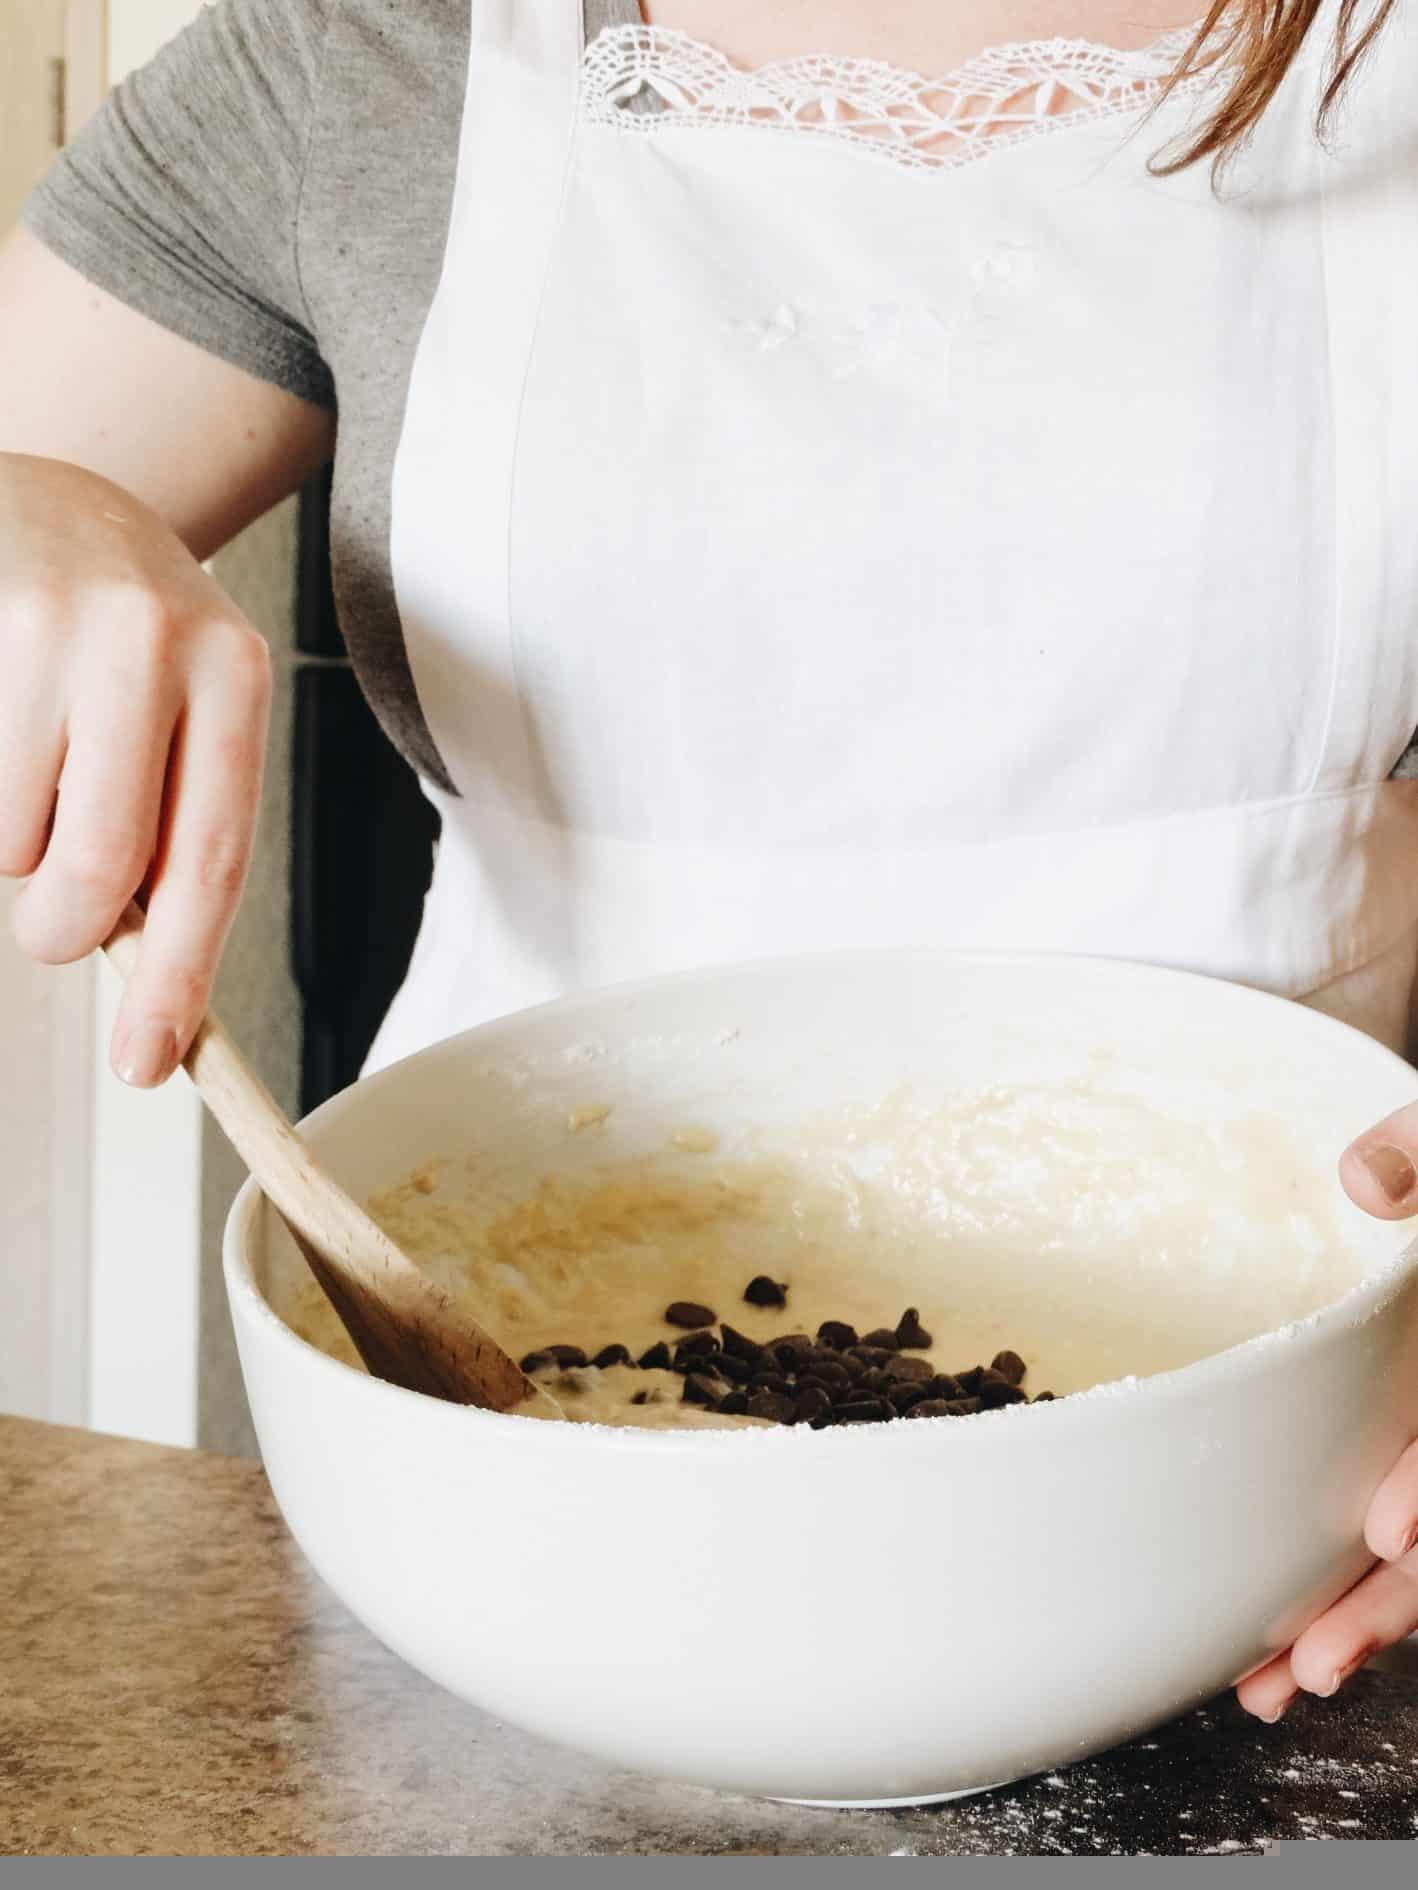 como congelar bolos (massa crua)